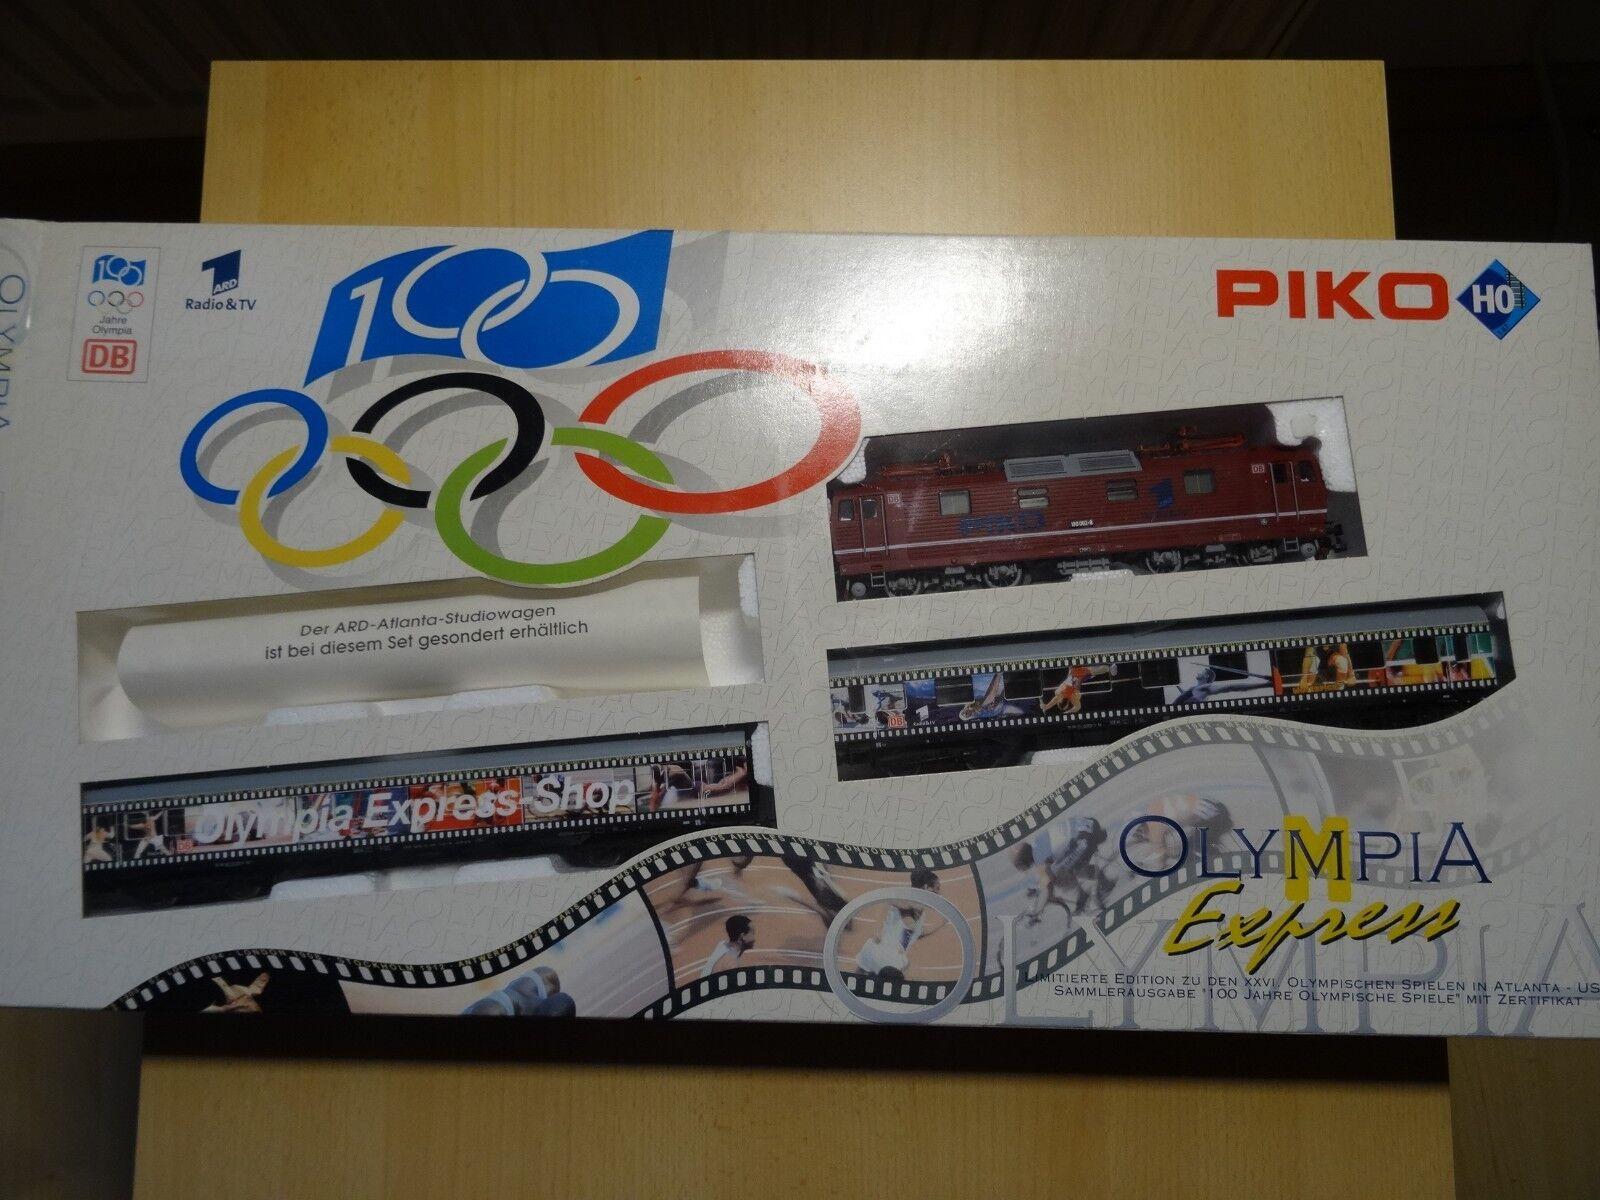 Piko ho tipo sedán set dc Olympia Express br 180 + 2 tan auto-artículo nuevo en el embalaje original